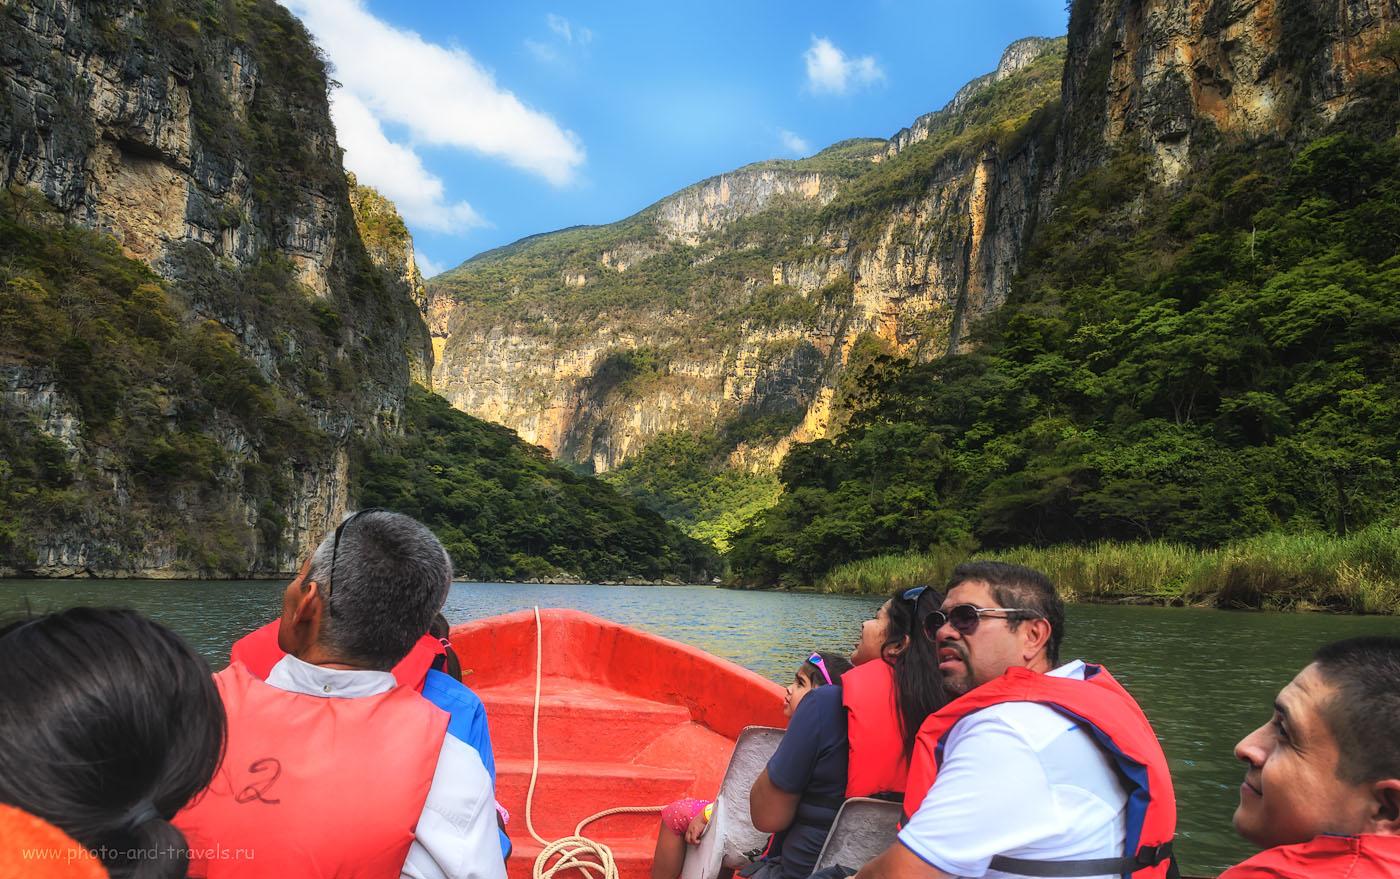 Фотография 11. Отзывы туристов о лодочной прогулке по Каньону Сумидеро (Cañón del Sumidero) в Мексике.  Отдых самостоятельно. 1/100, 11, 18, 200.